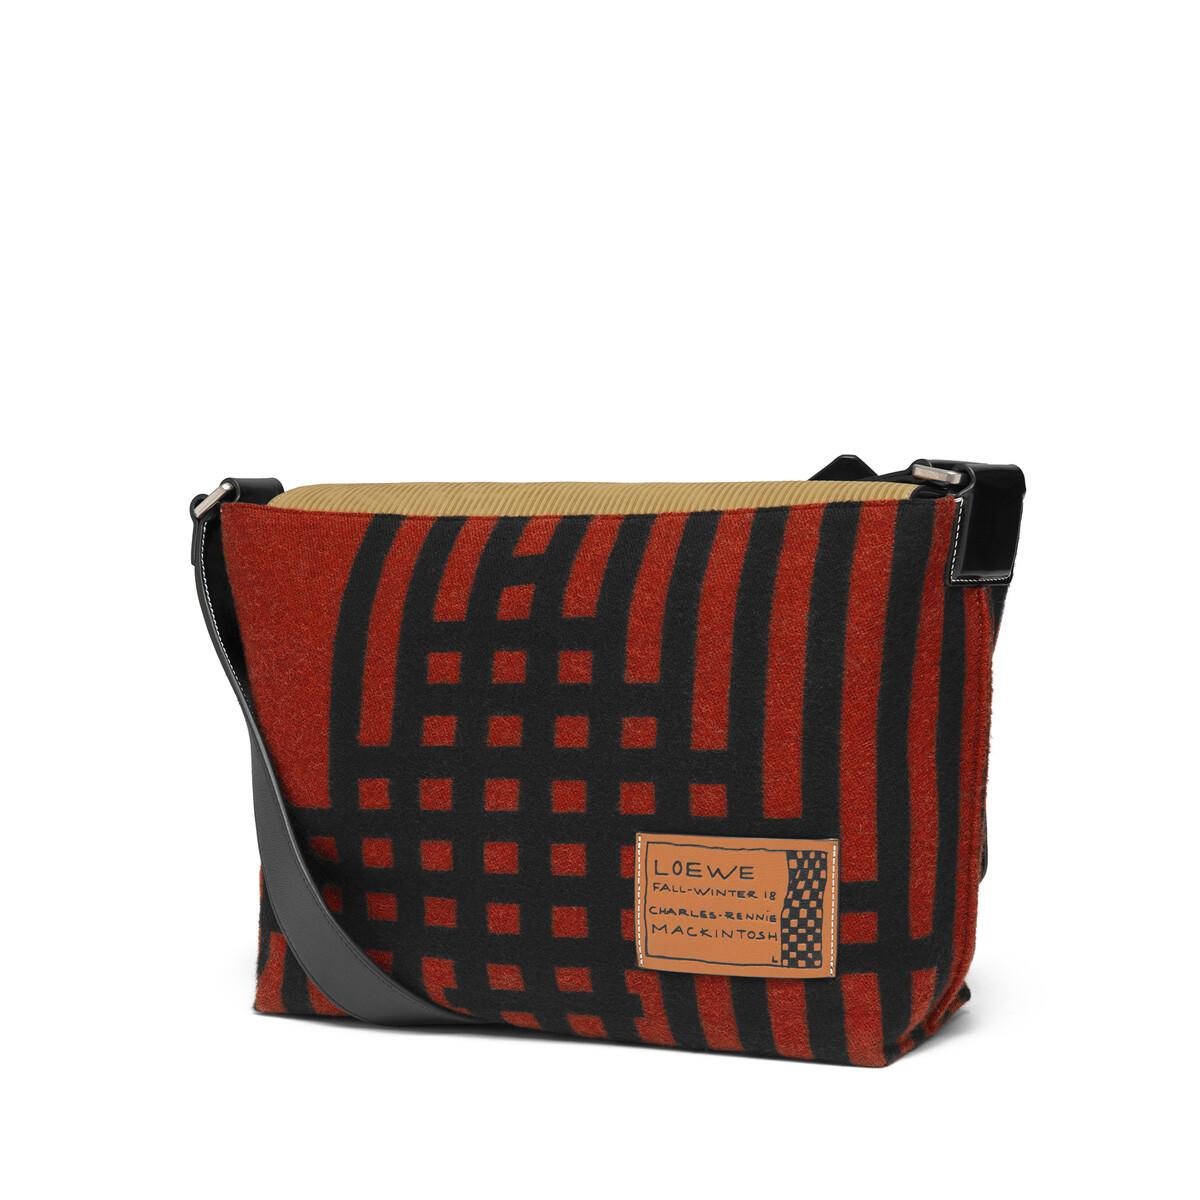 LOEWE Milit Messenger Grid S Bag Scarlet Red/Black front